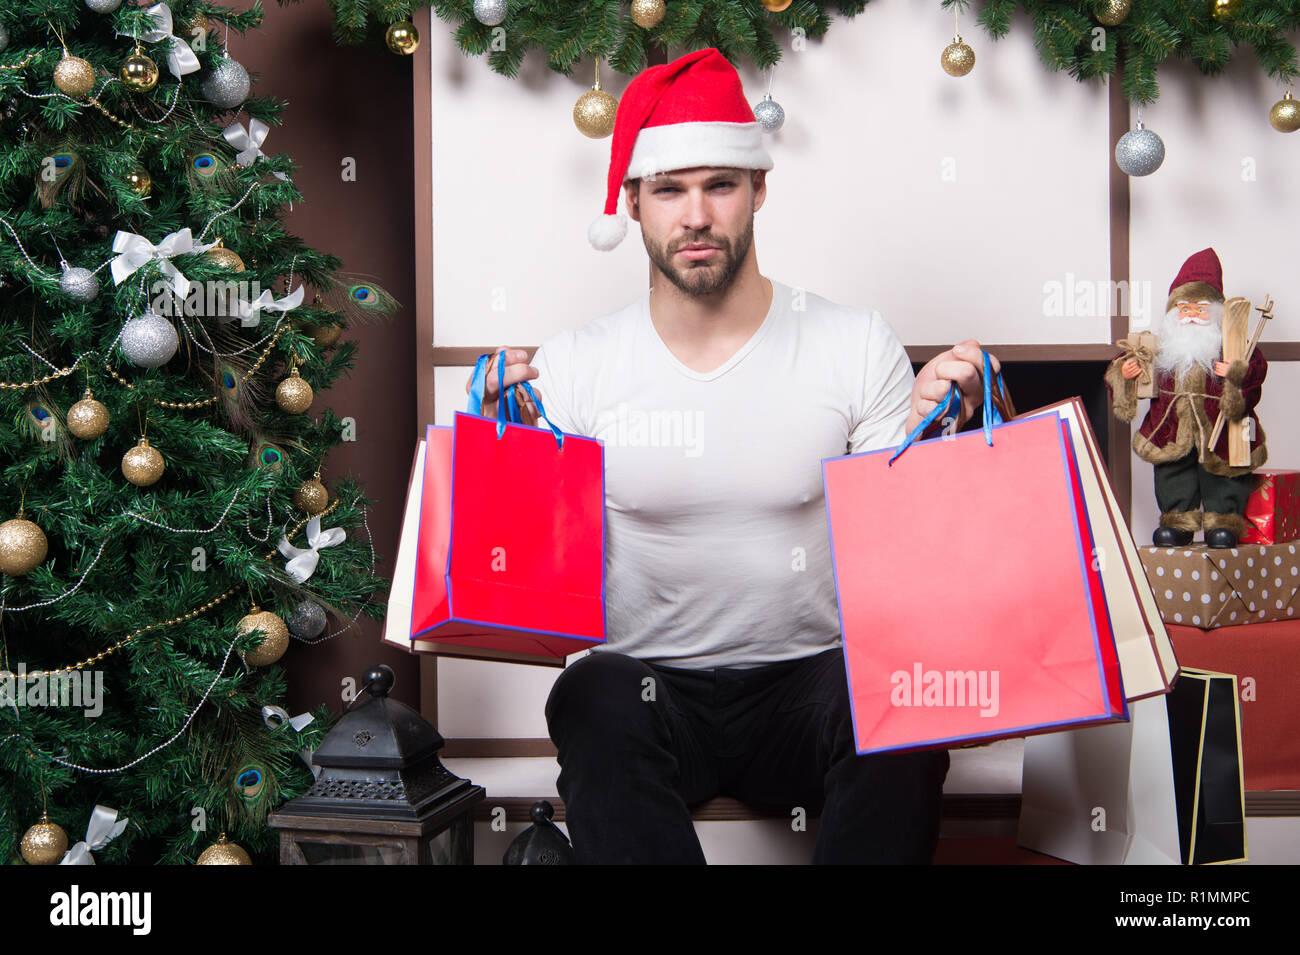 Online christmas shopping. Neues Jahr Szene mit Baum und Geschenke ...